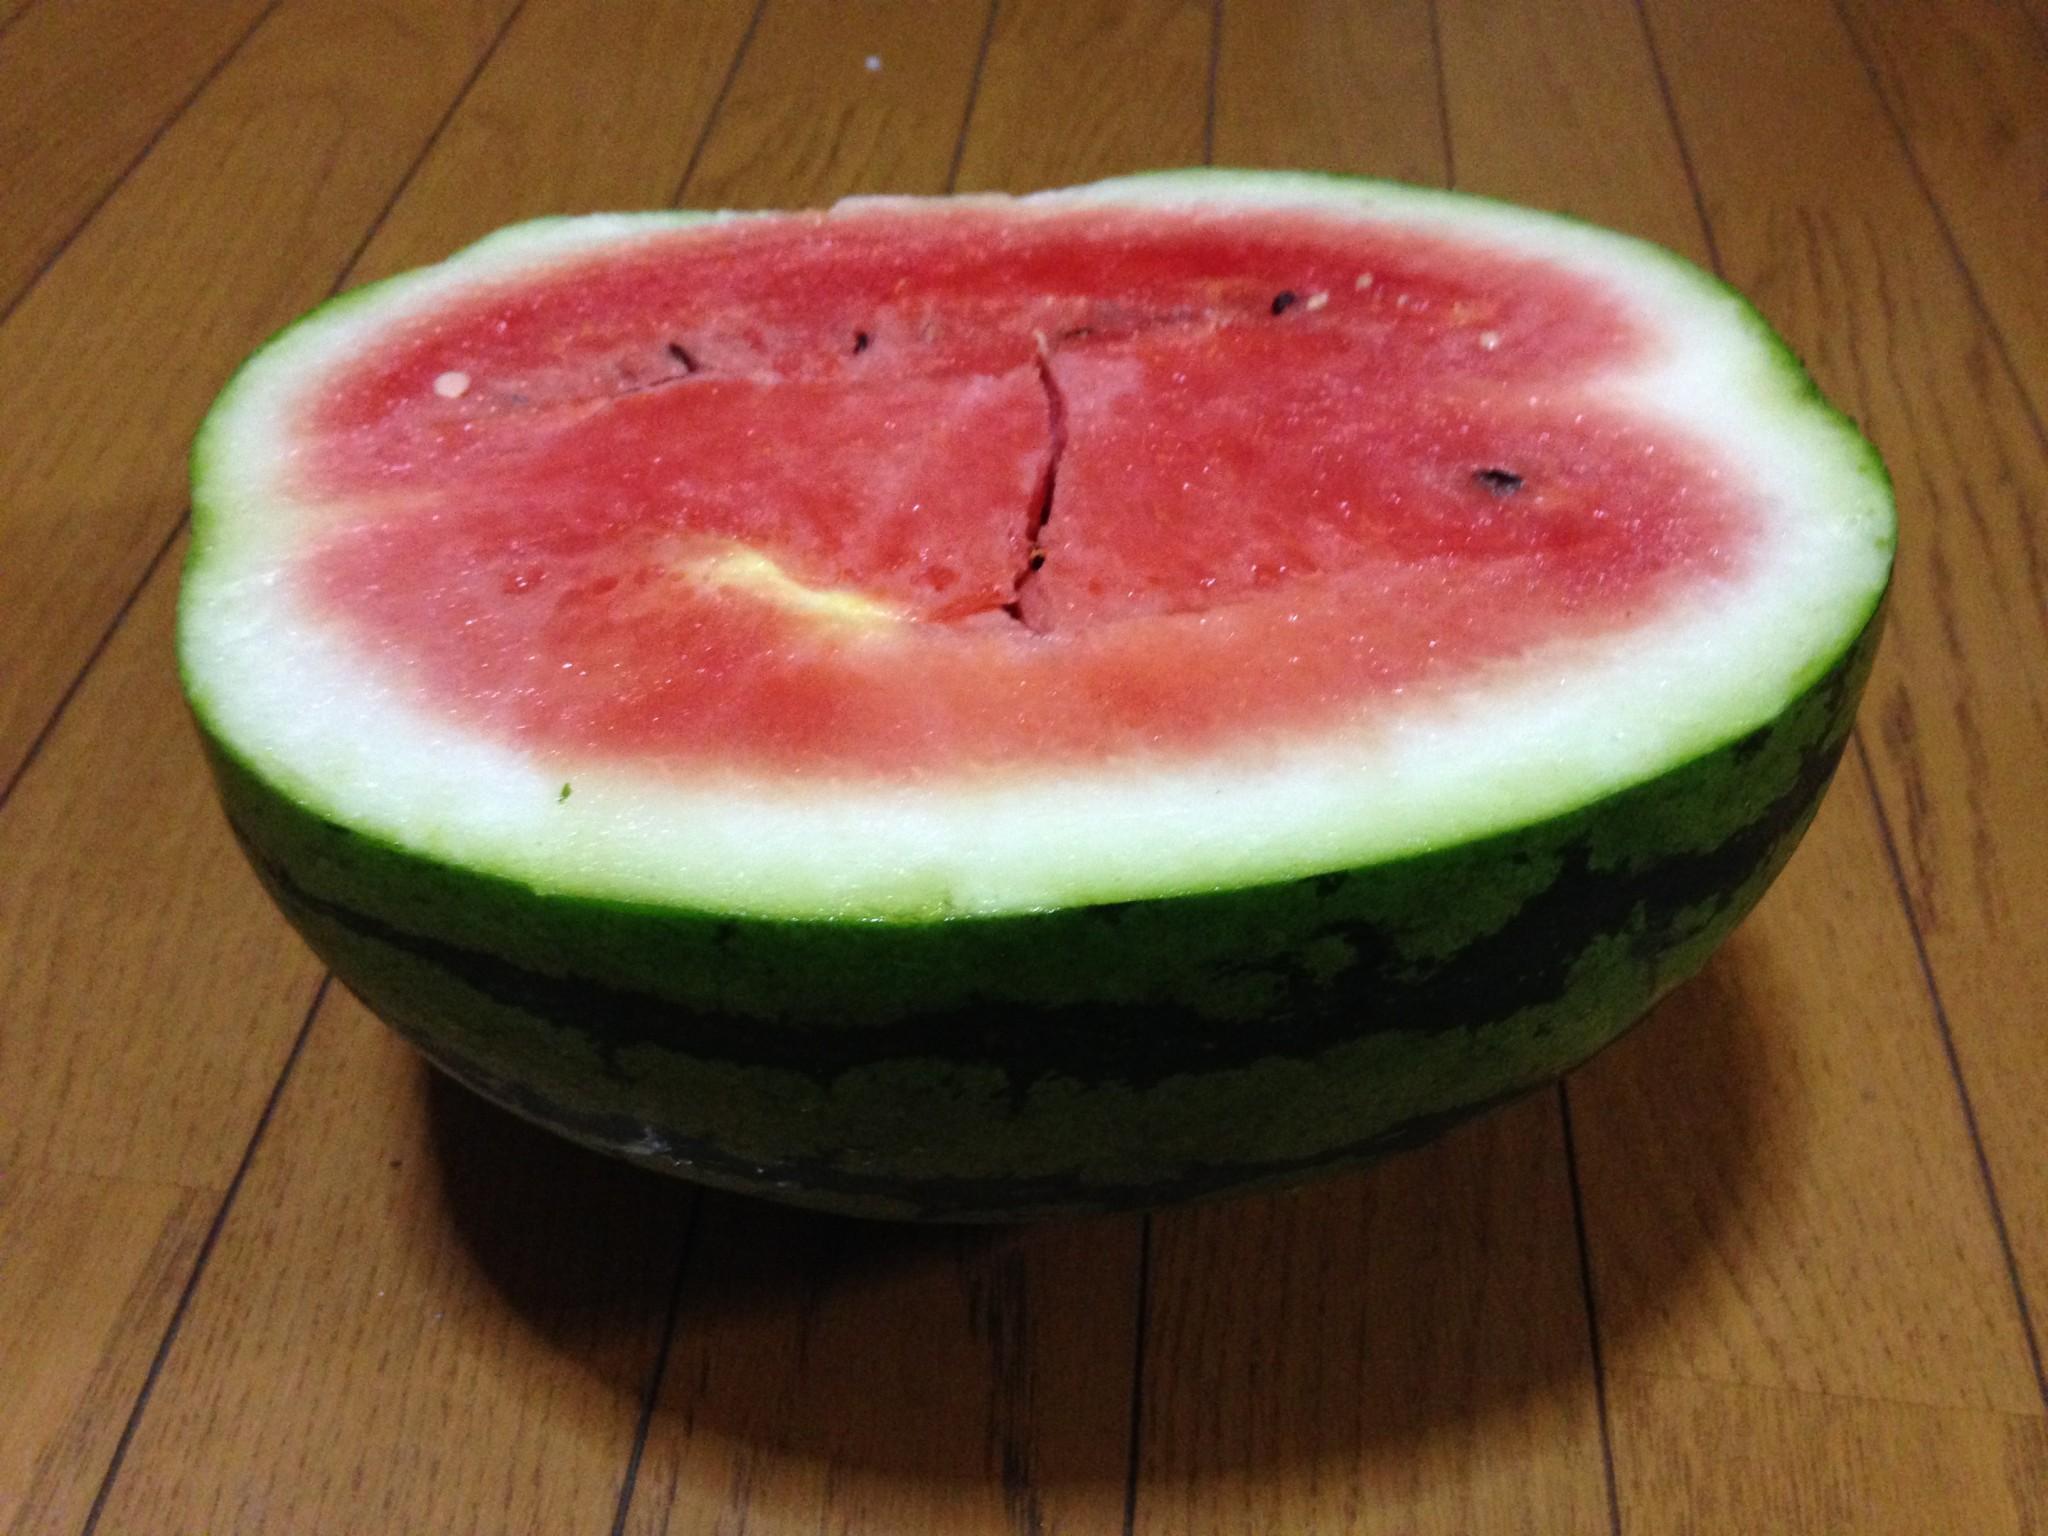 「すいか」2個目の収穫①(7月27日)